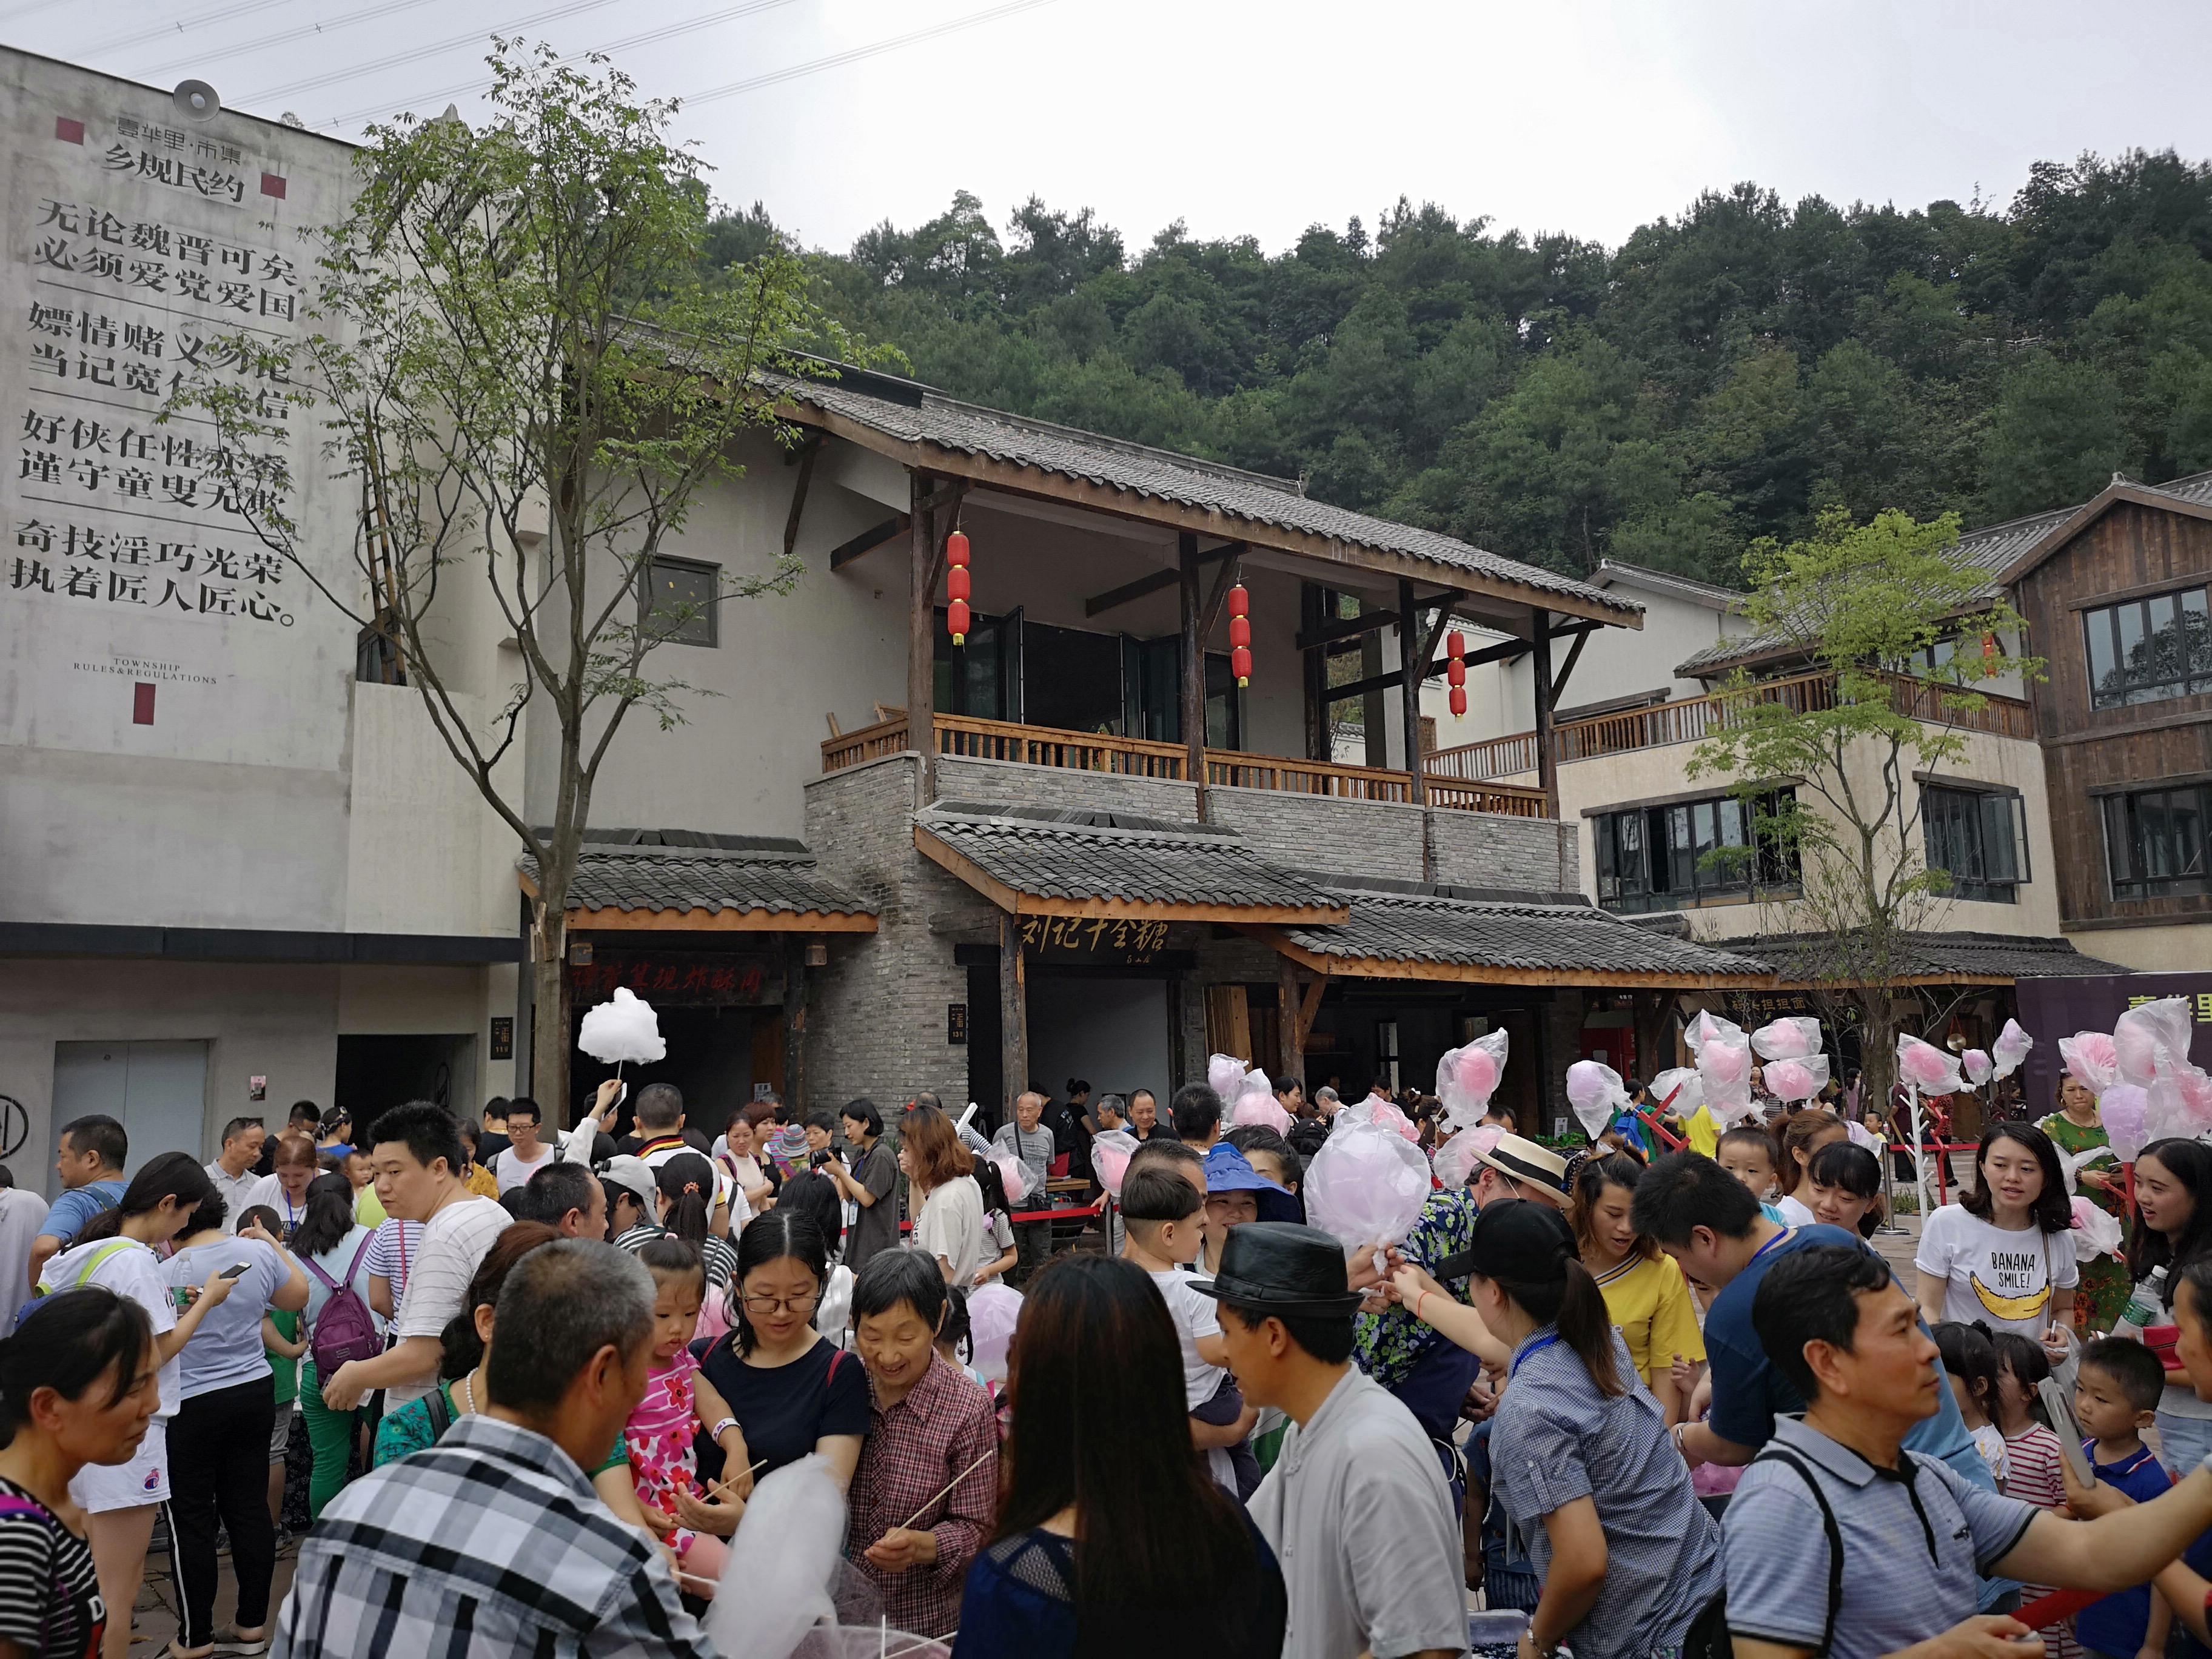 上百人参与制作!南山惊现重庆首个棉花糖森林